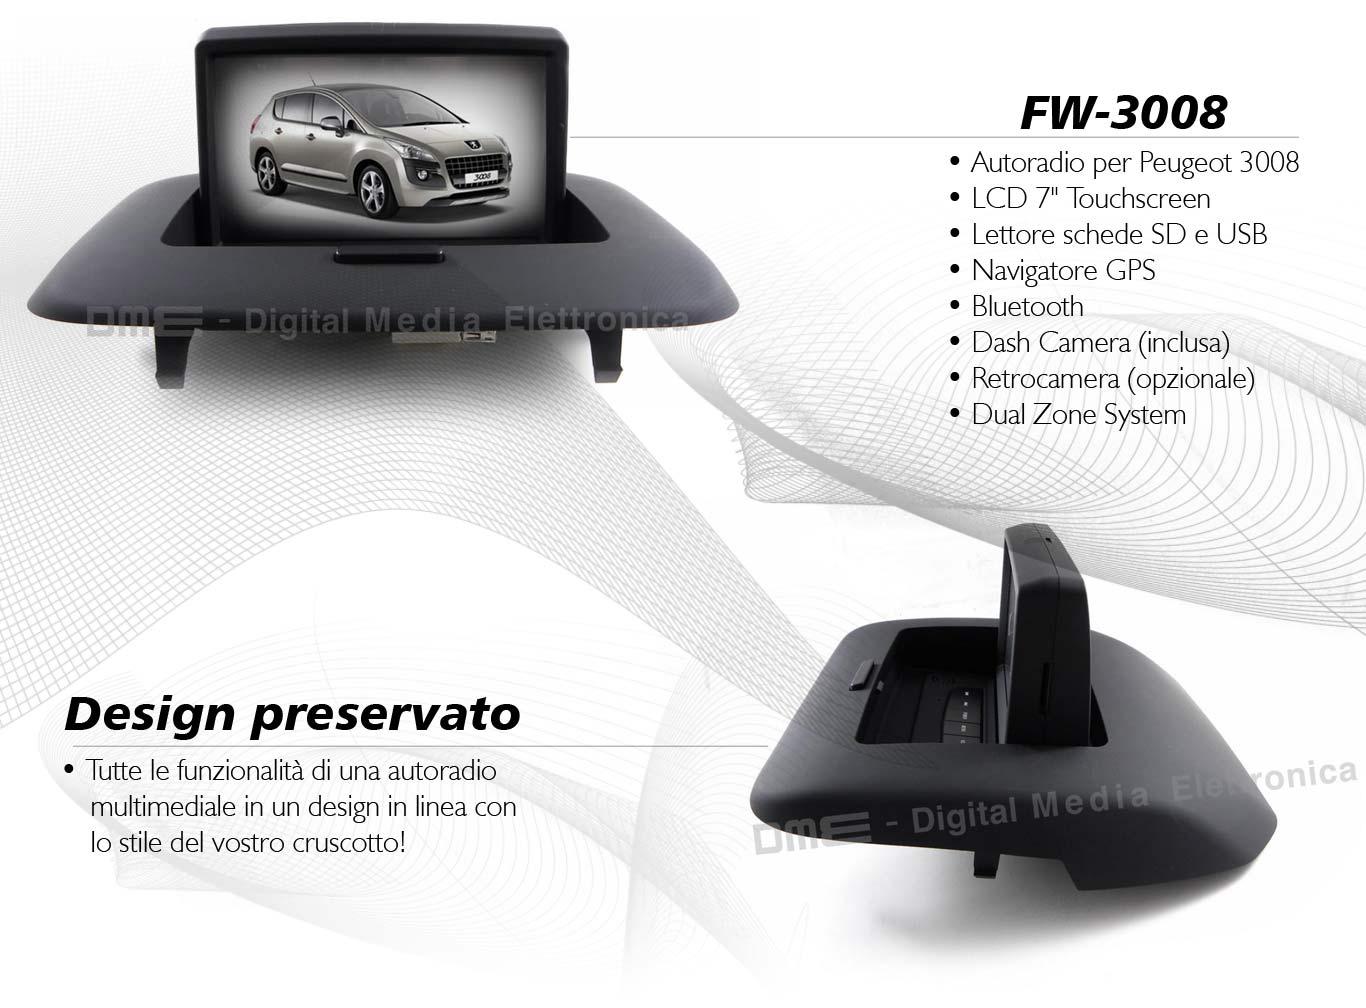 autoradio multimediale per Peugeot 3008 (dal 2009 al 2013)*